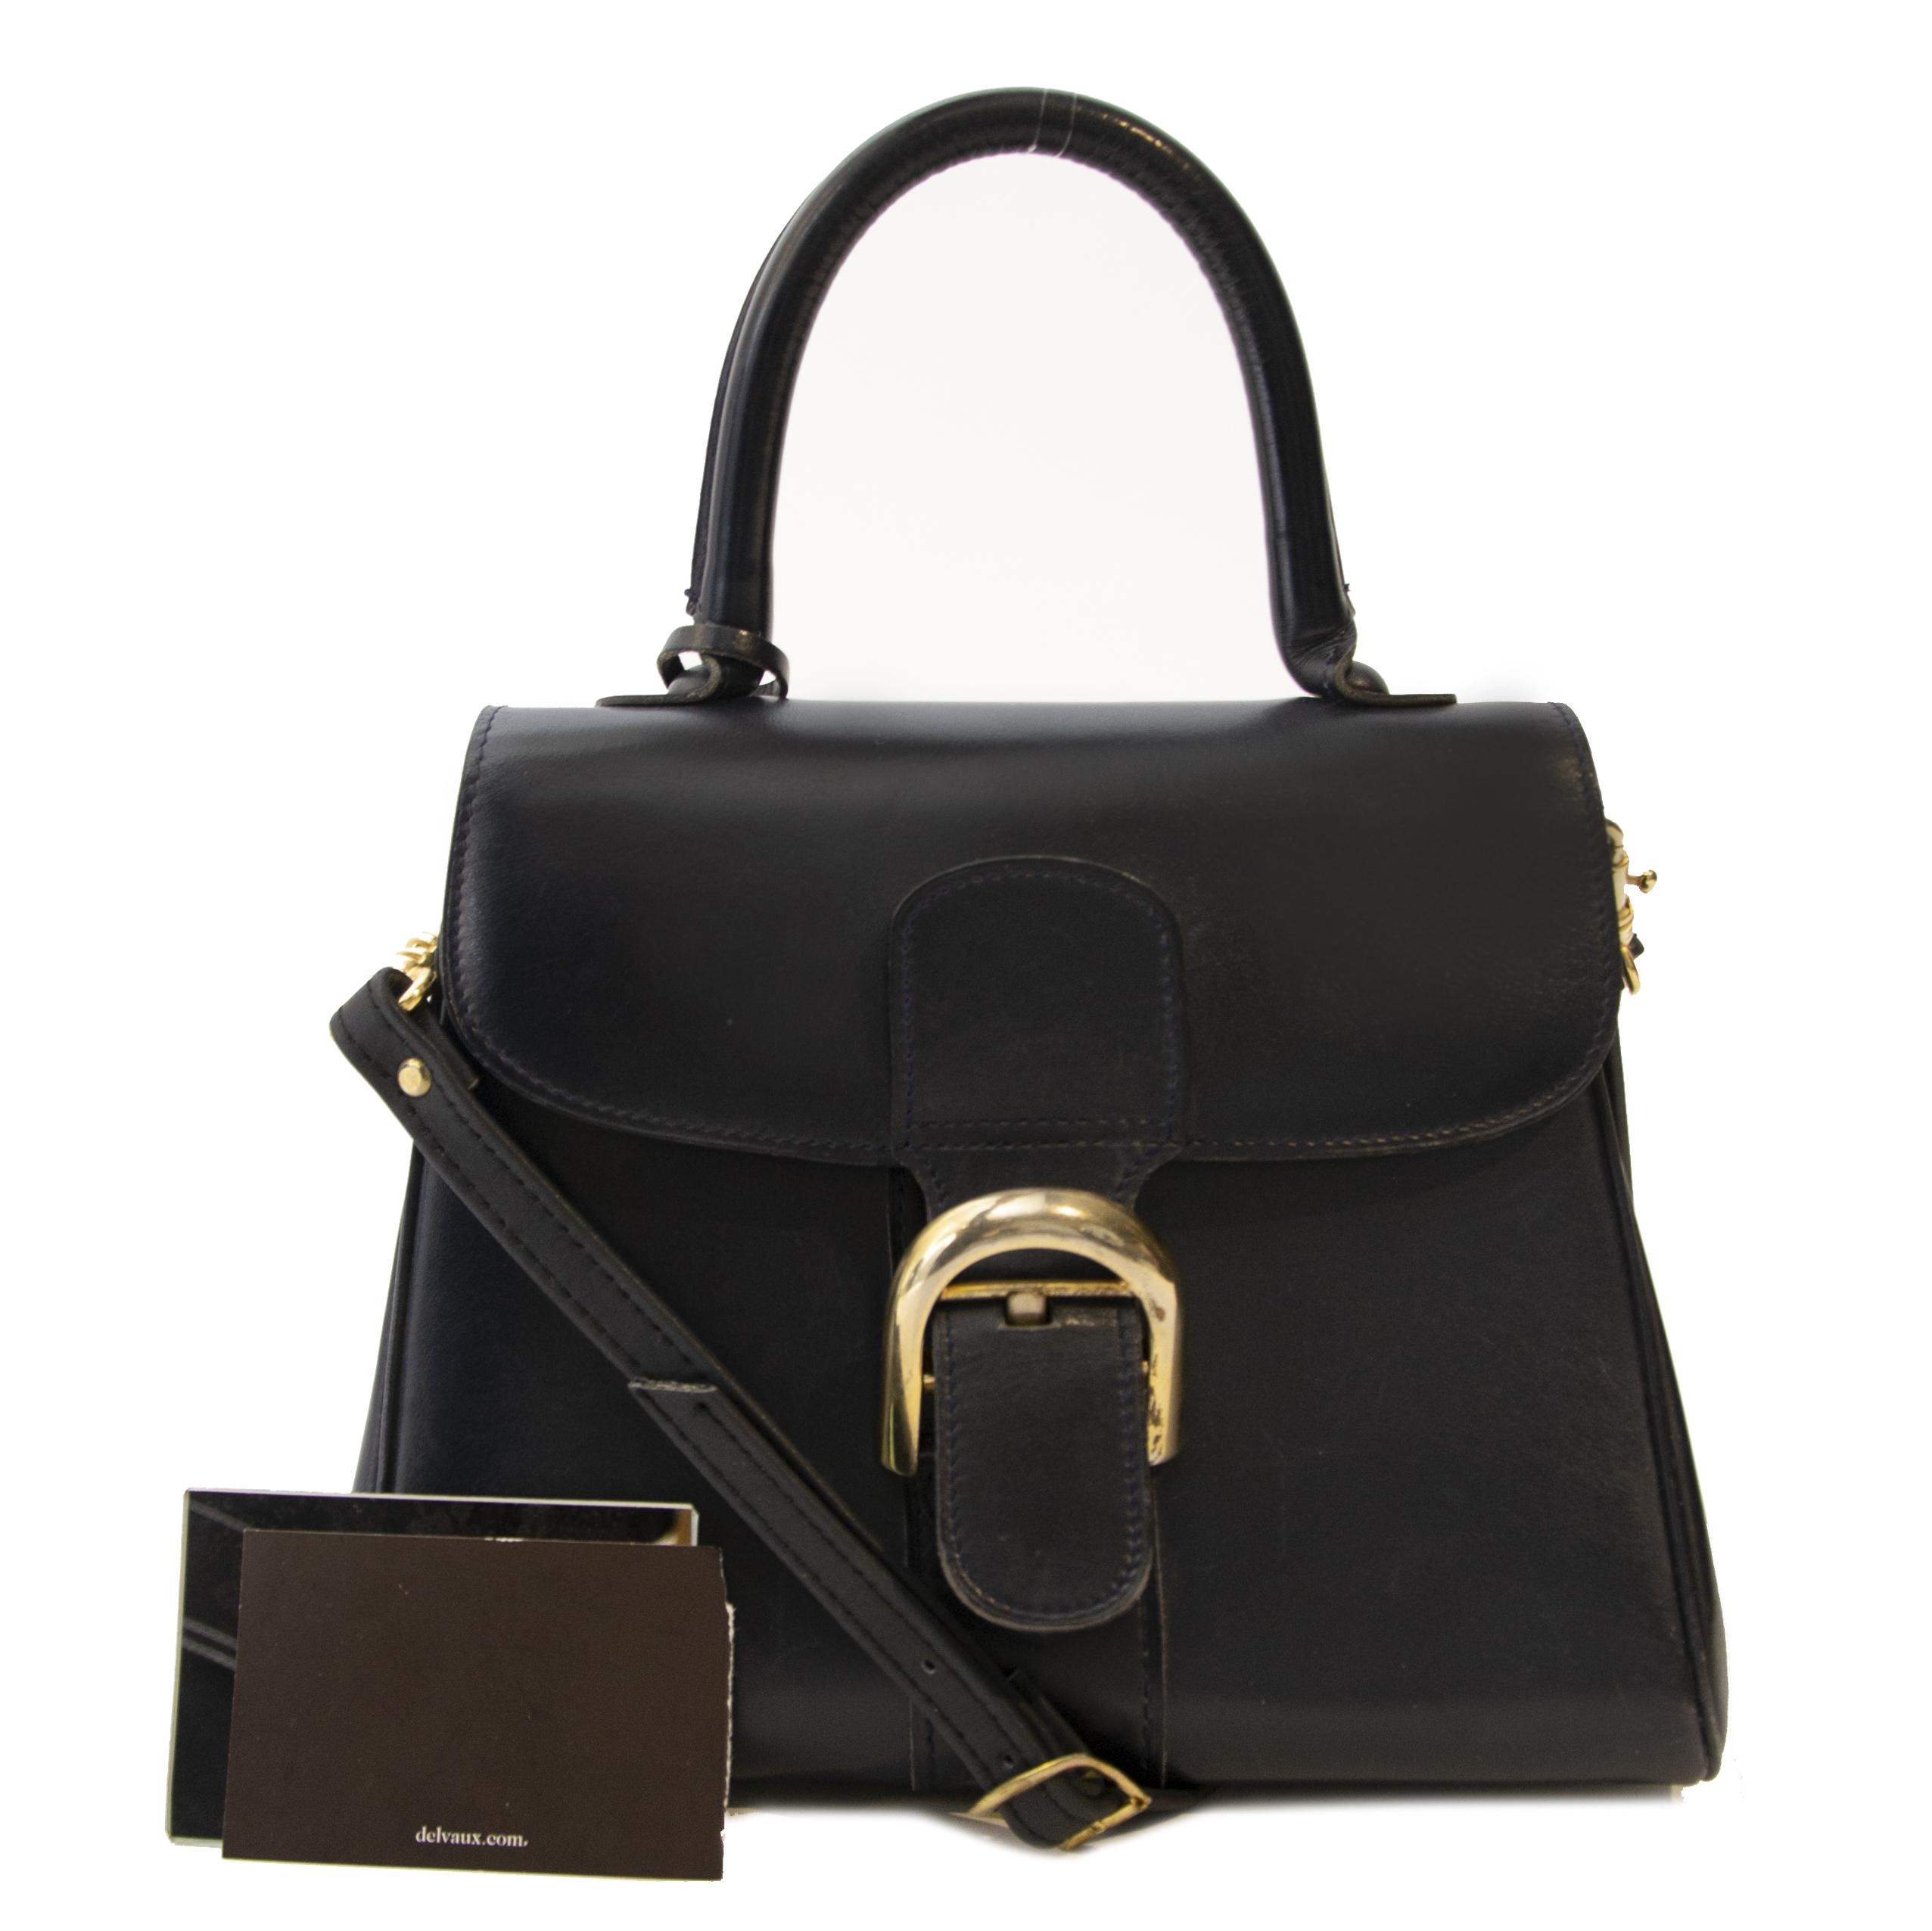 Koop en verkoop uw authentieke designer handtassen en accessoires van Delvaux aan de beste prijs